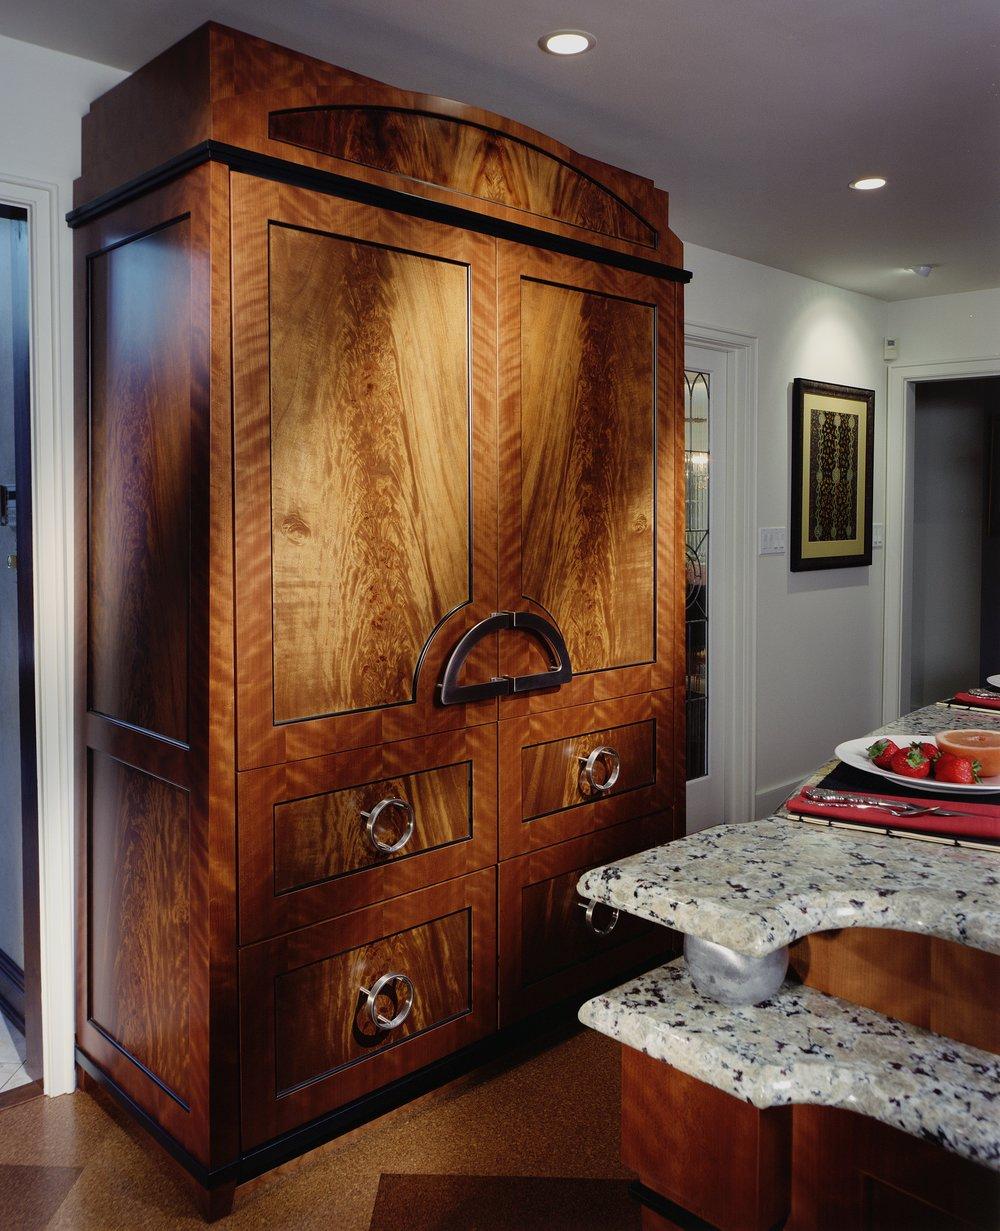 KBC_kitchen_bath_concepts_Kitchen_5-1.jpg